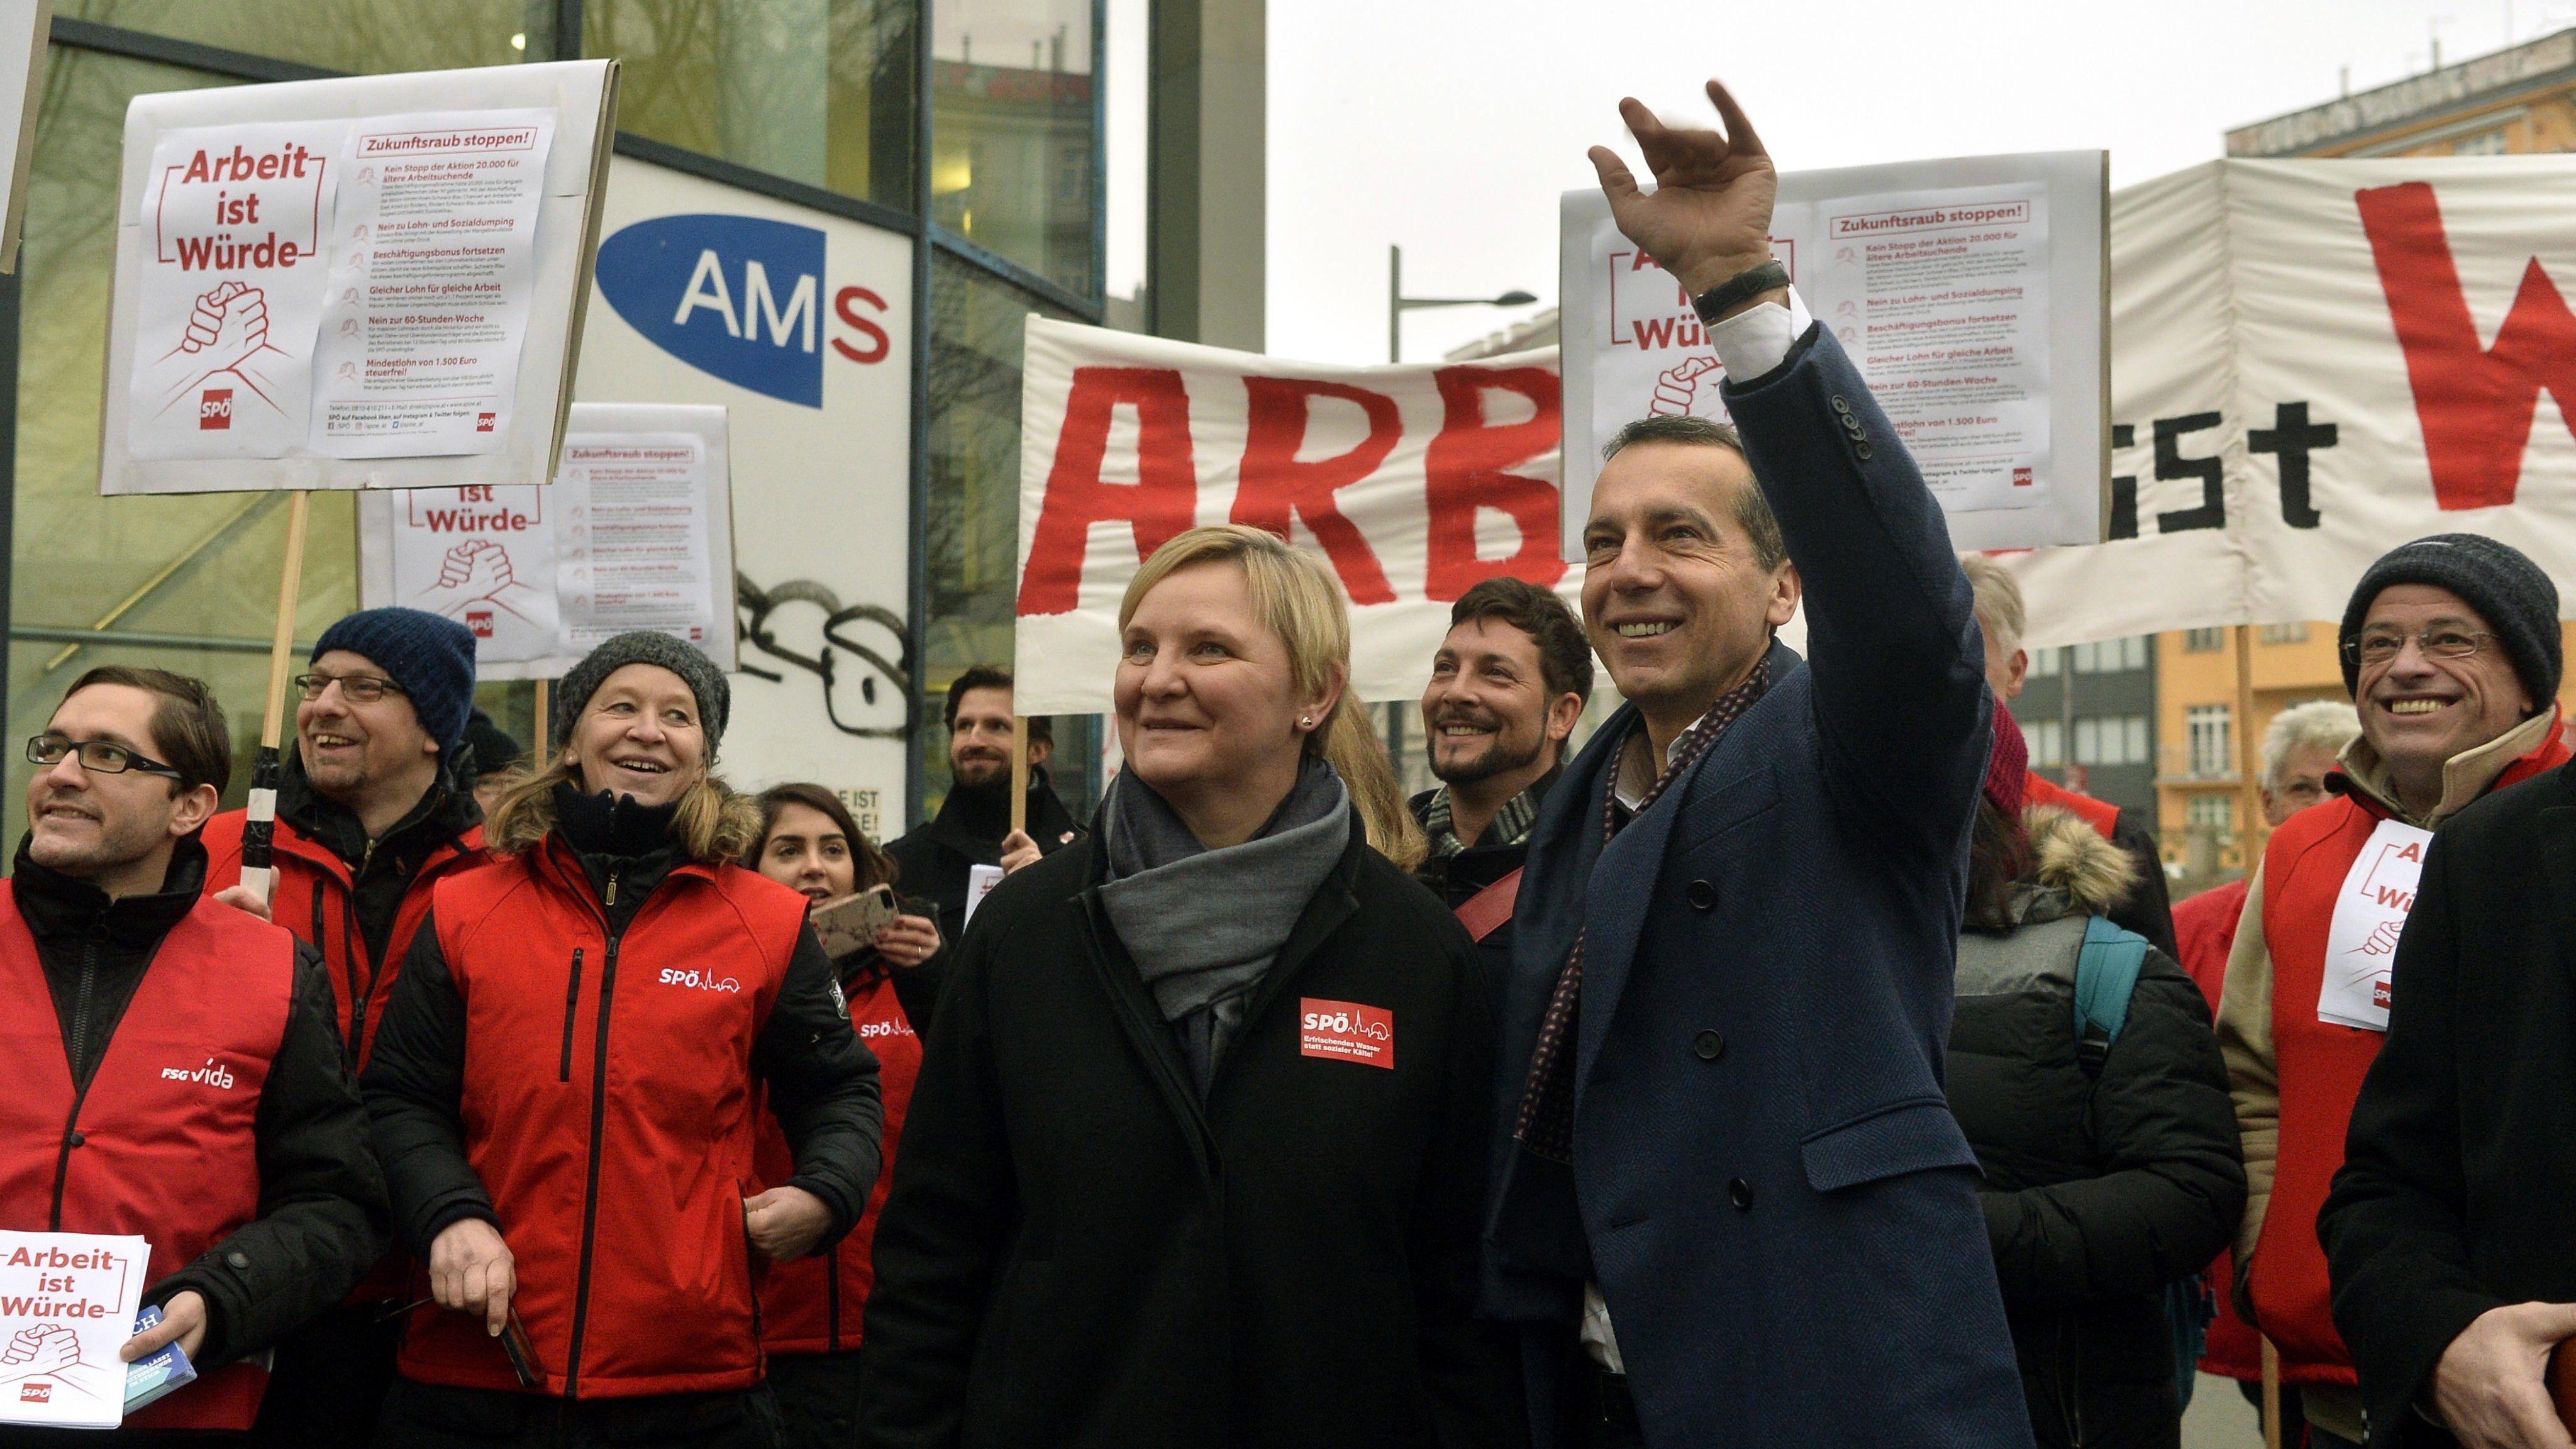 Demo Freitag Wien Detail: SPÖ-Chef Kern Demonstrierte Vor Wiener AMS-Geschäftsstelle